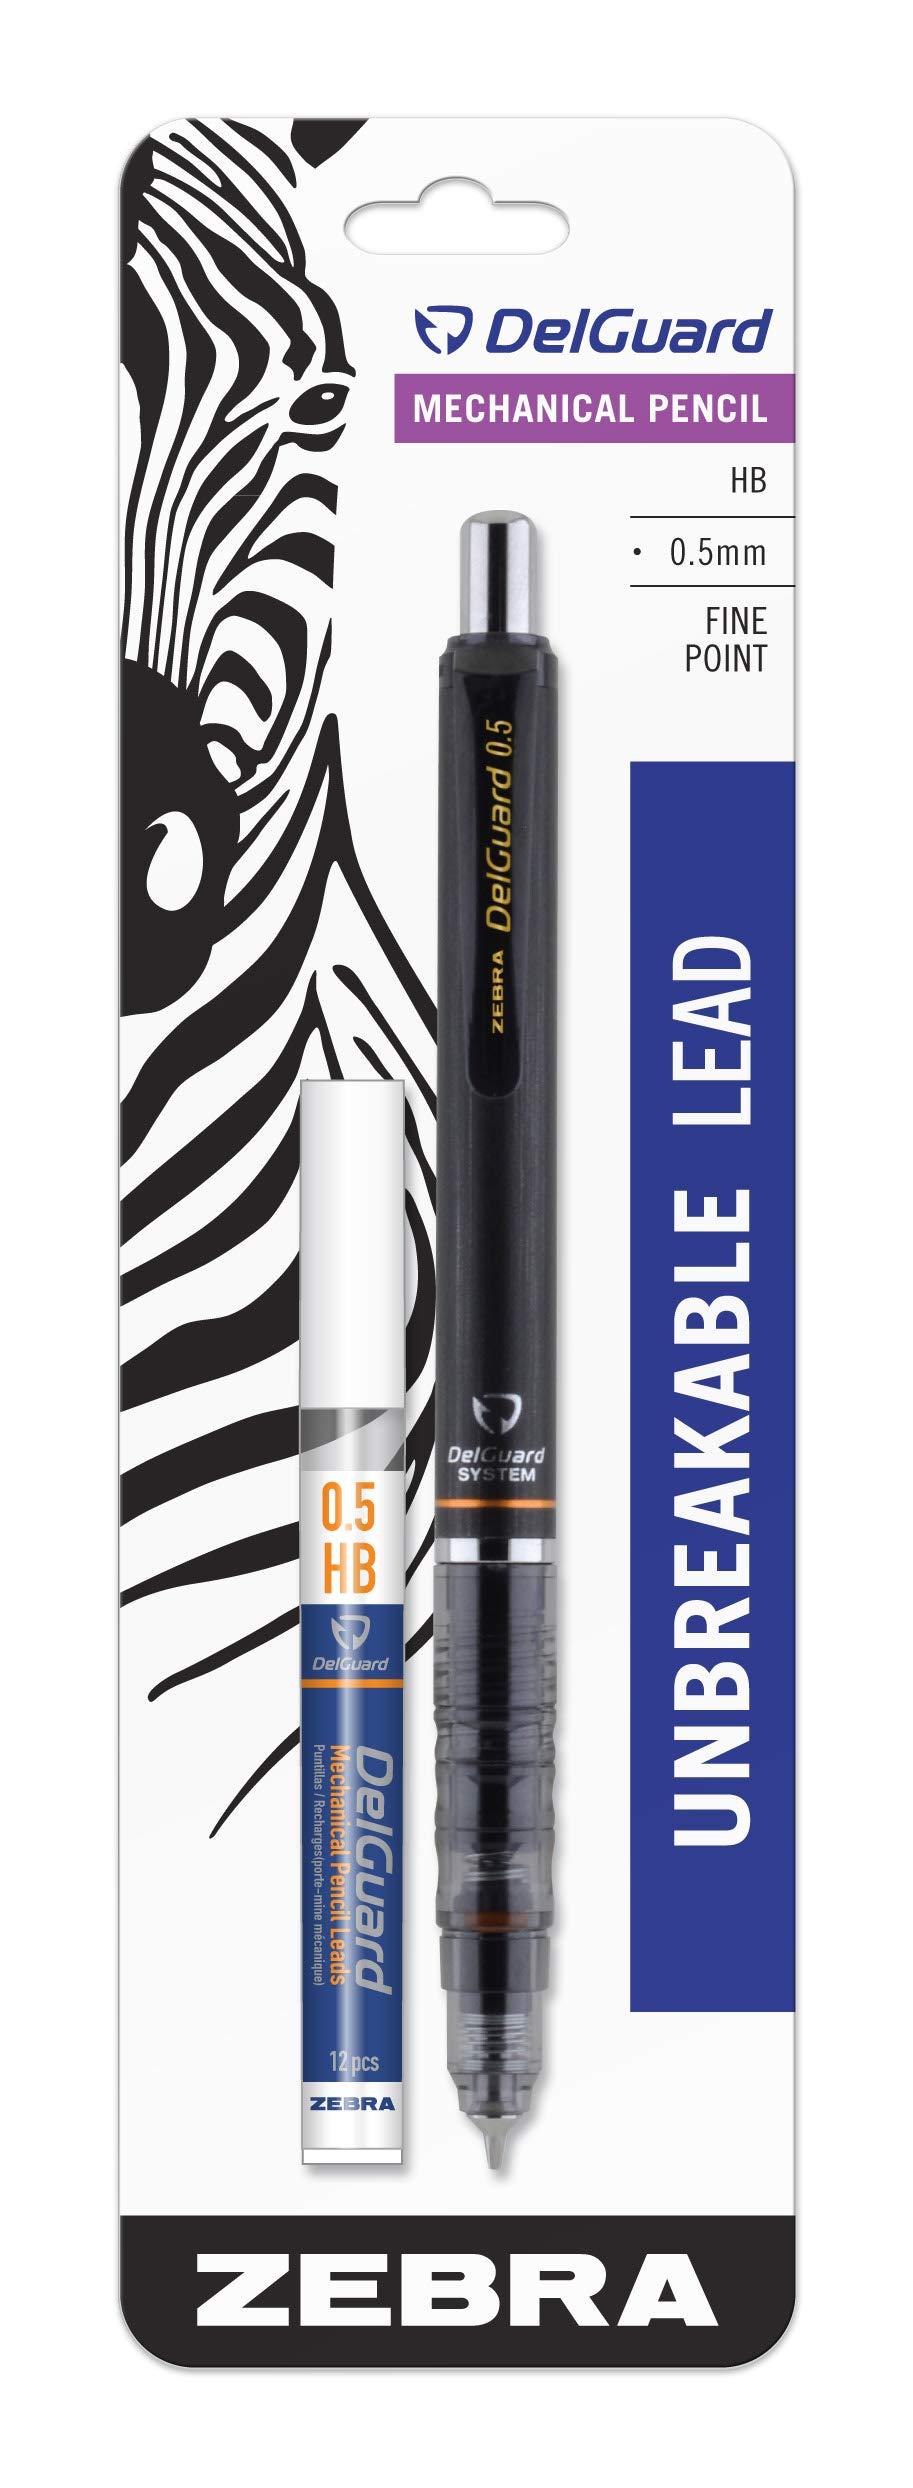 Zebra Delguard Lapiz Mecanico 0.5mm Con Tubo De Minas Hb